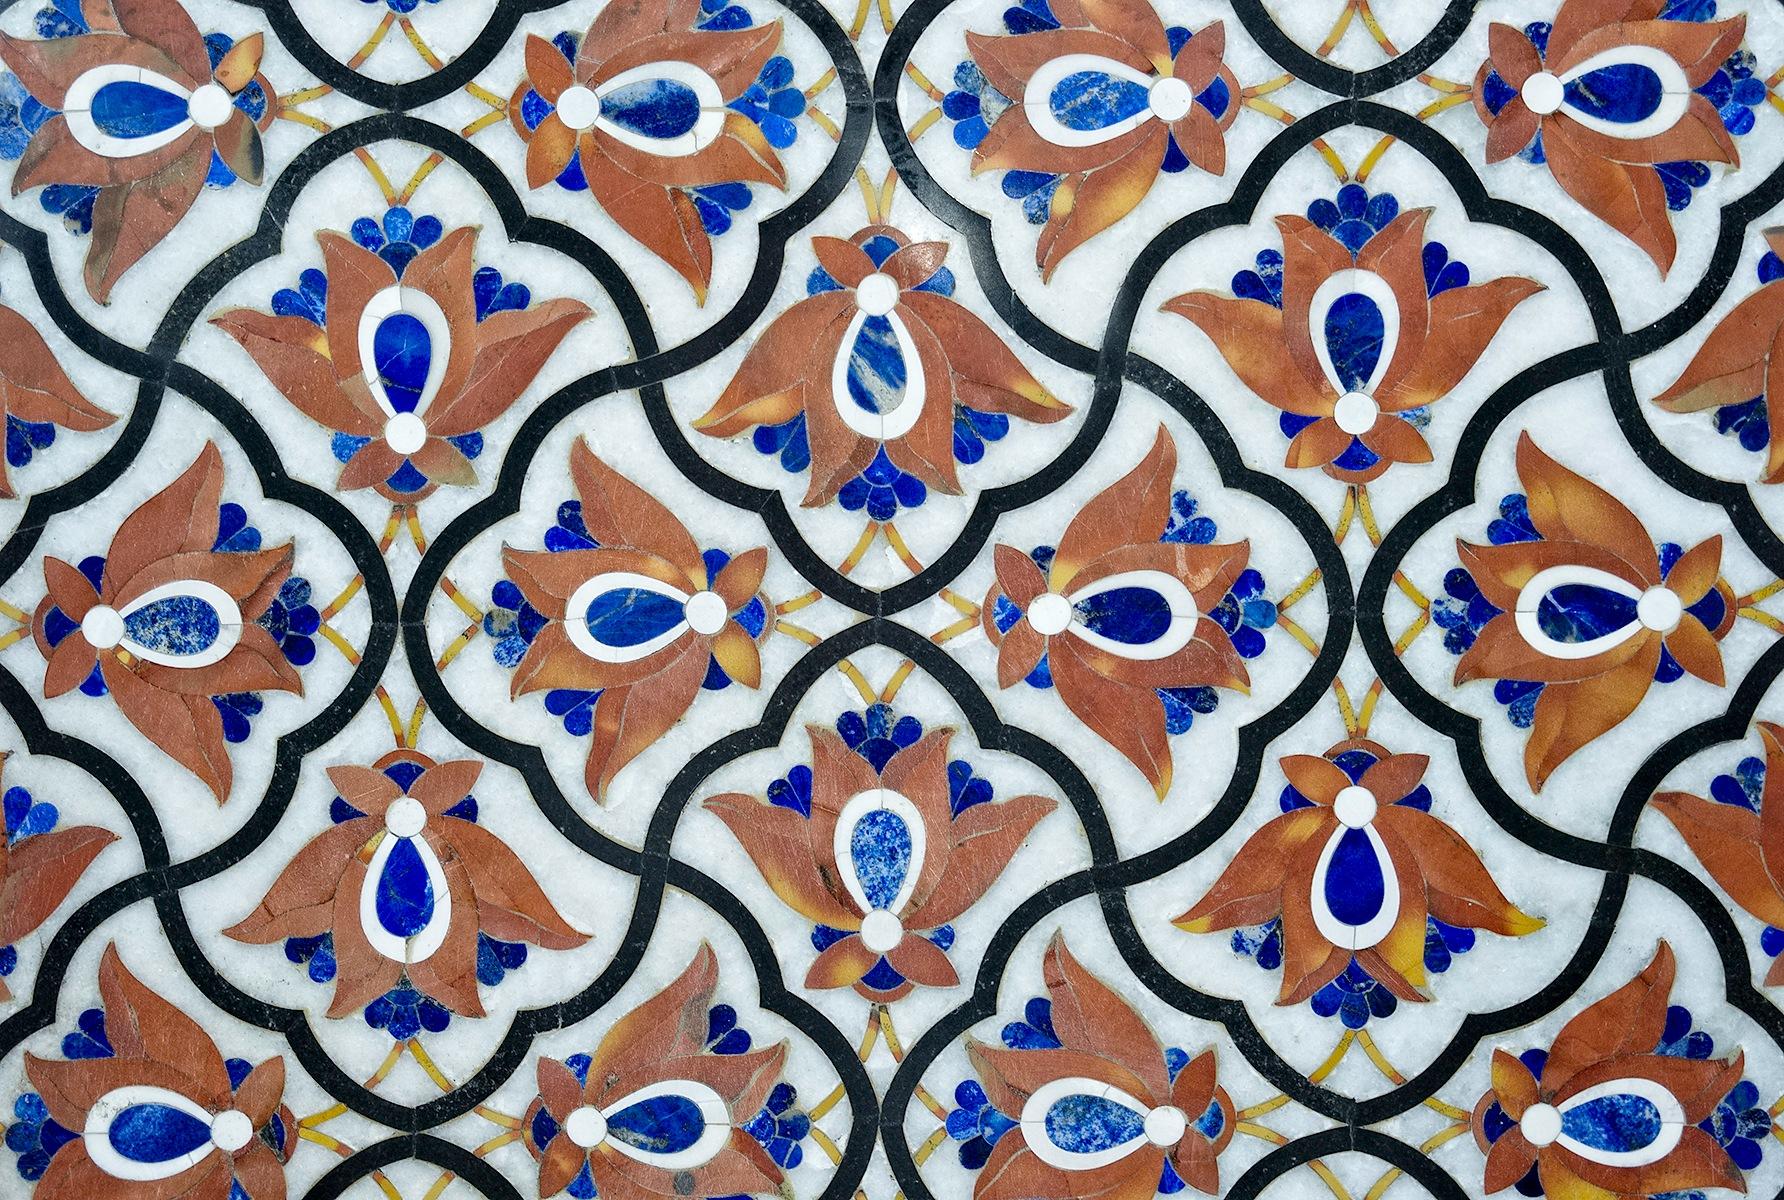 Semi-precious stone working by Osman Tümay